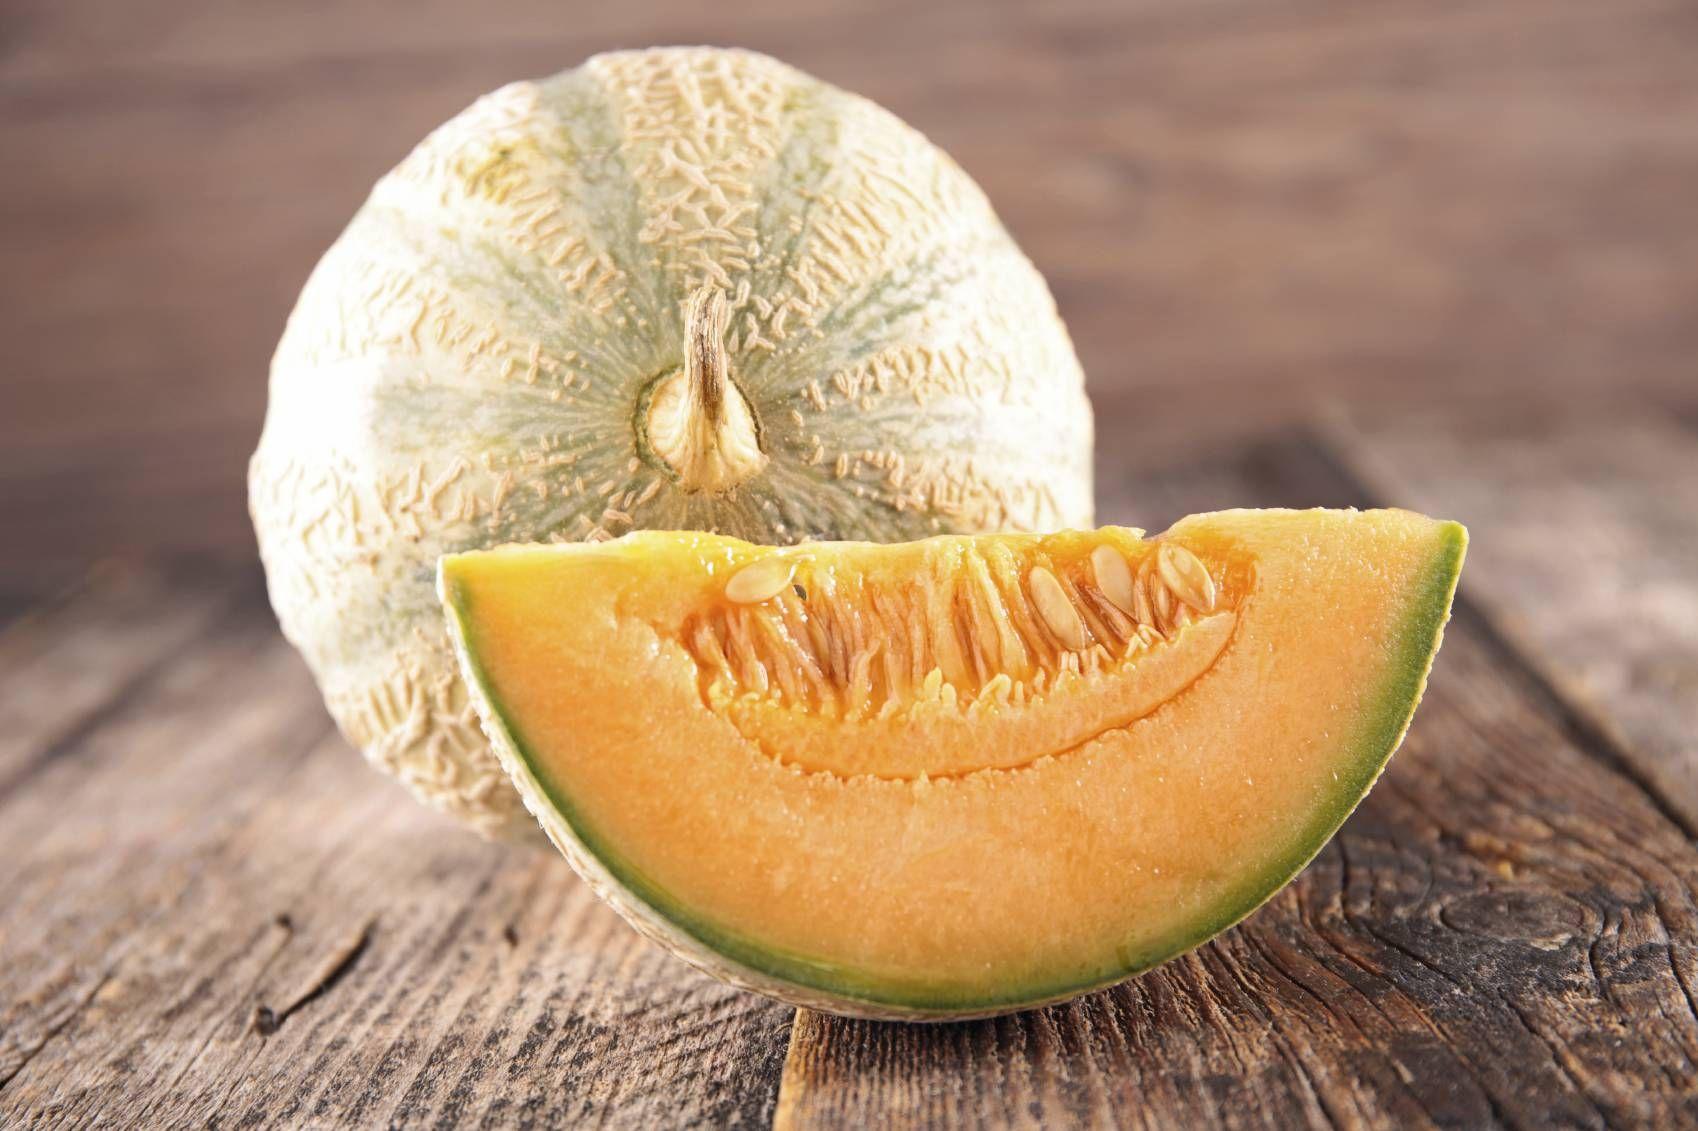 La dieta del melone è un regime dietetico facile da seguire, ci aiuterà a perdere dai 6 ai 10 kg in un mese senza troppi sforzi. Proviamo?